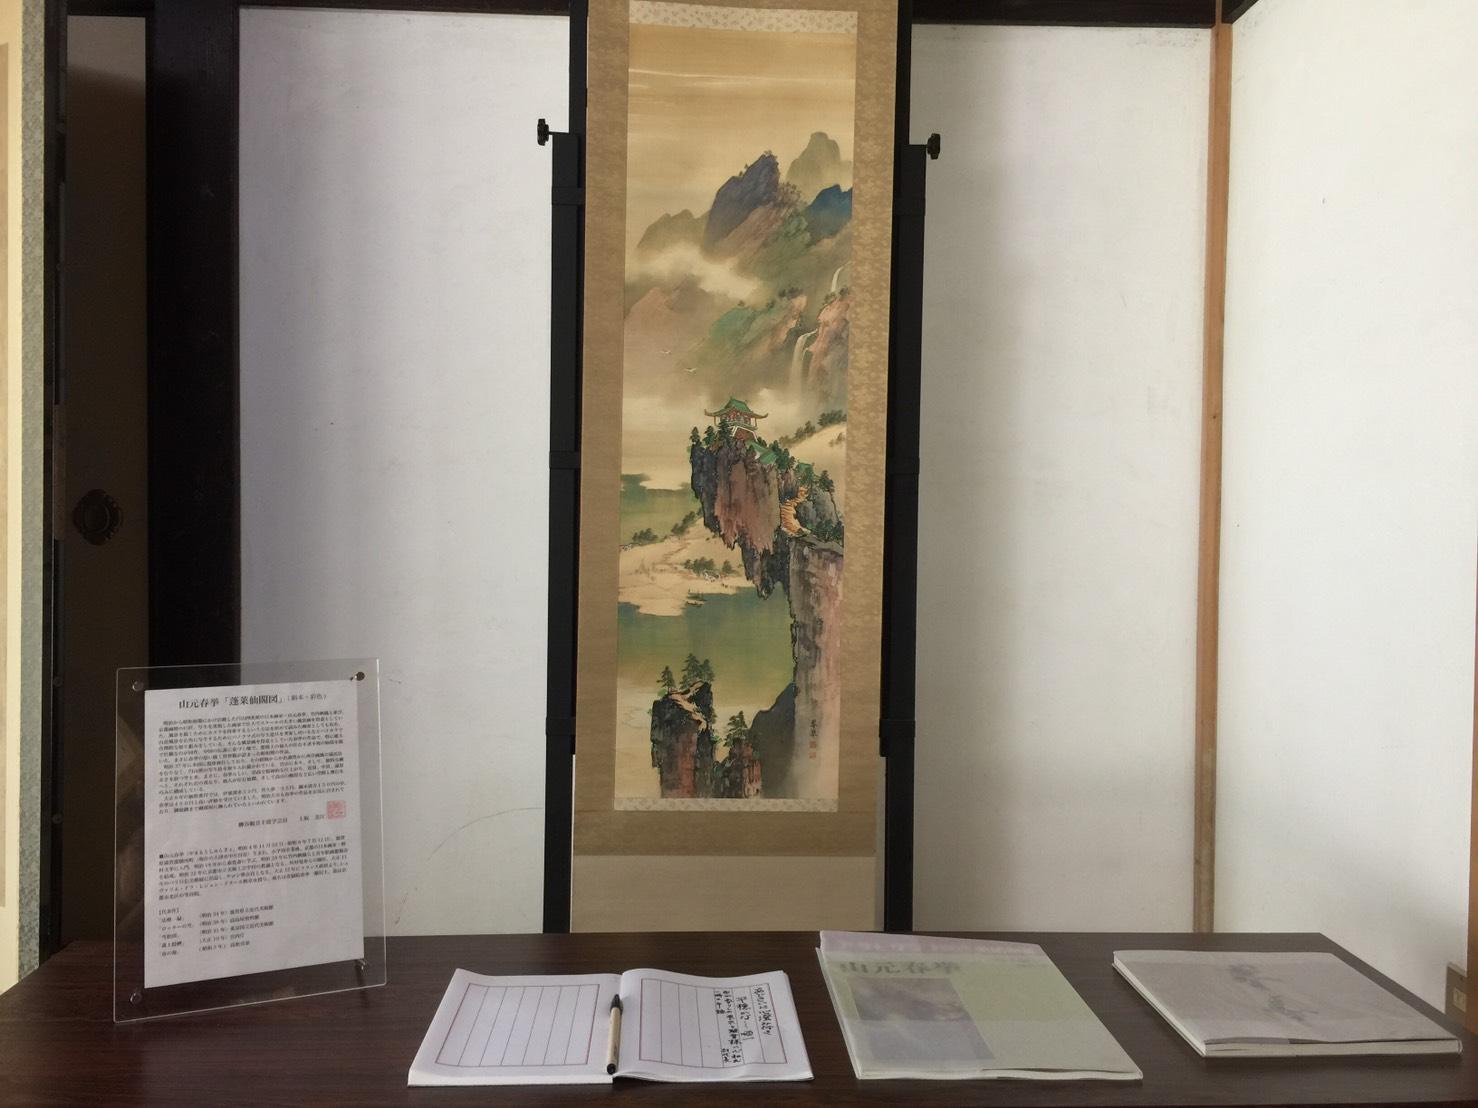 2016/7 寺宝展 山元春挙 「蓬莱仙閣図」 | 京都 眼の観音様 ~柳谷 ...